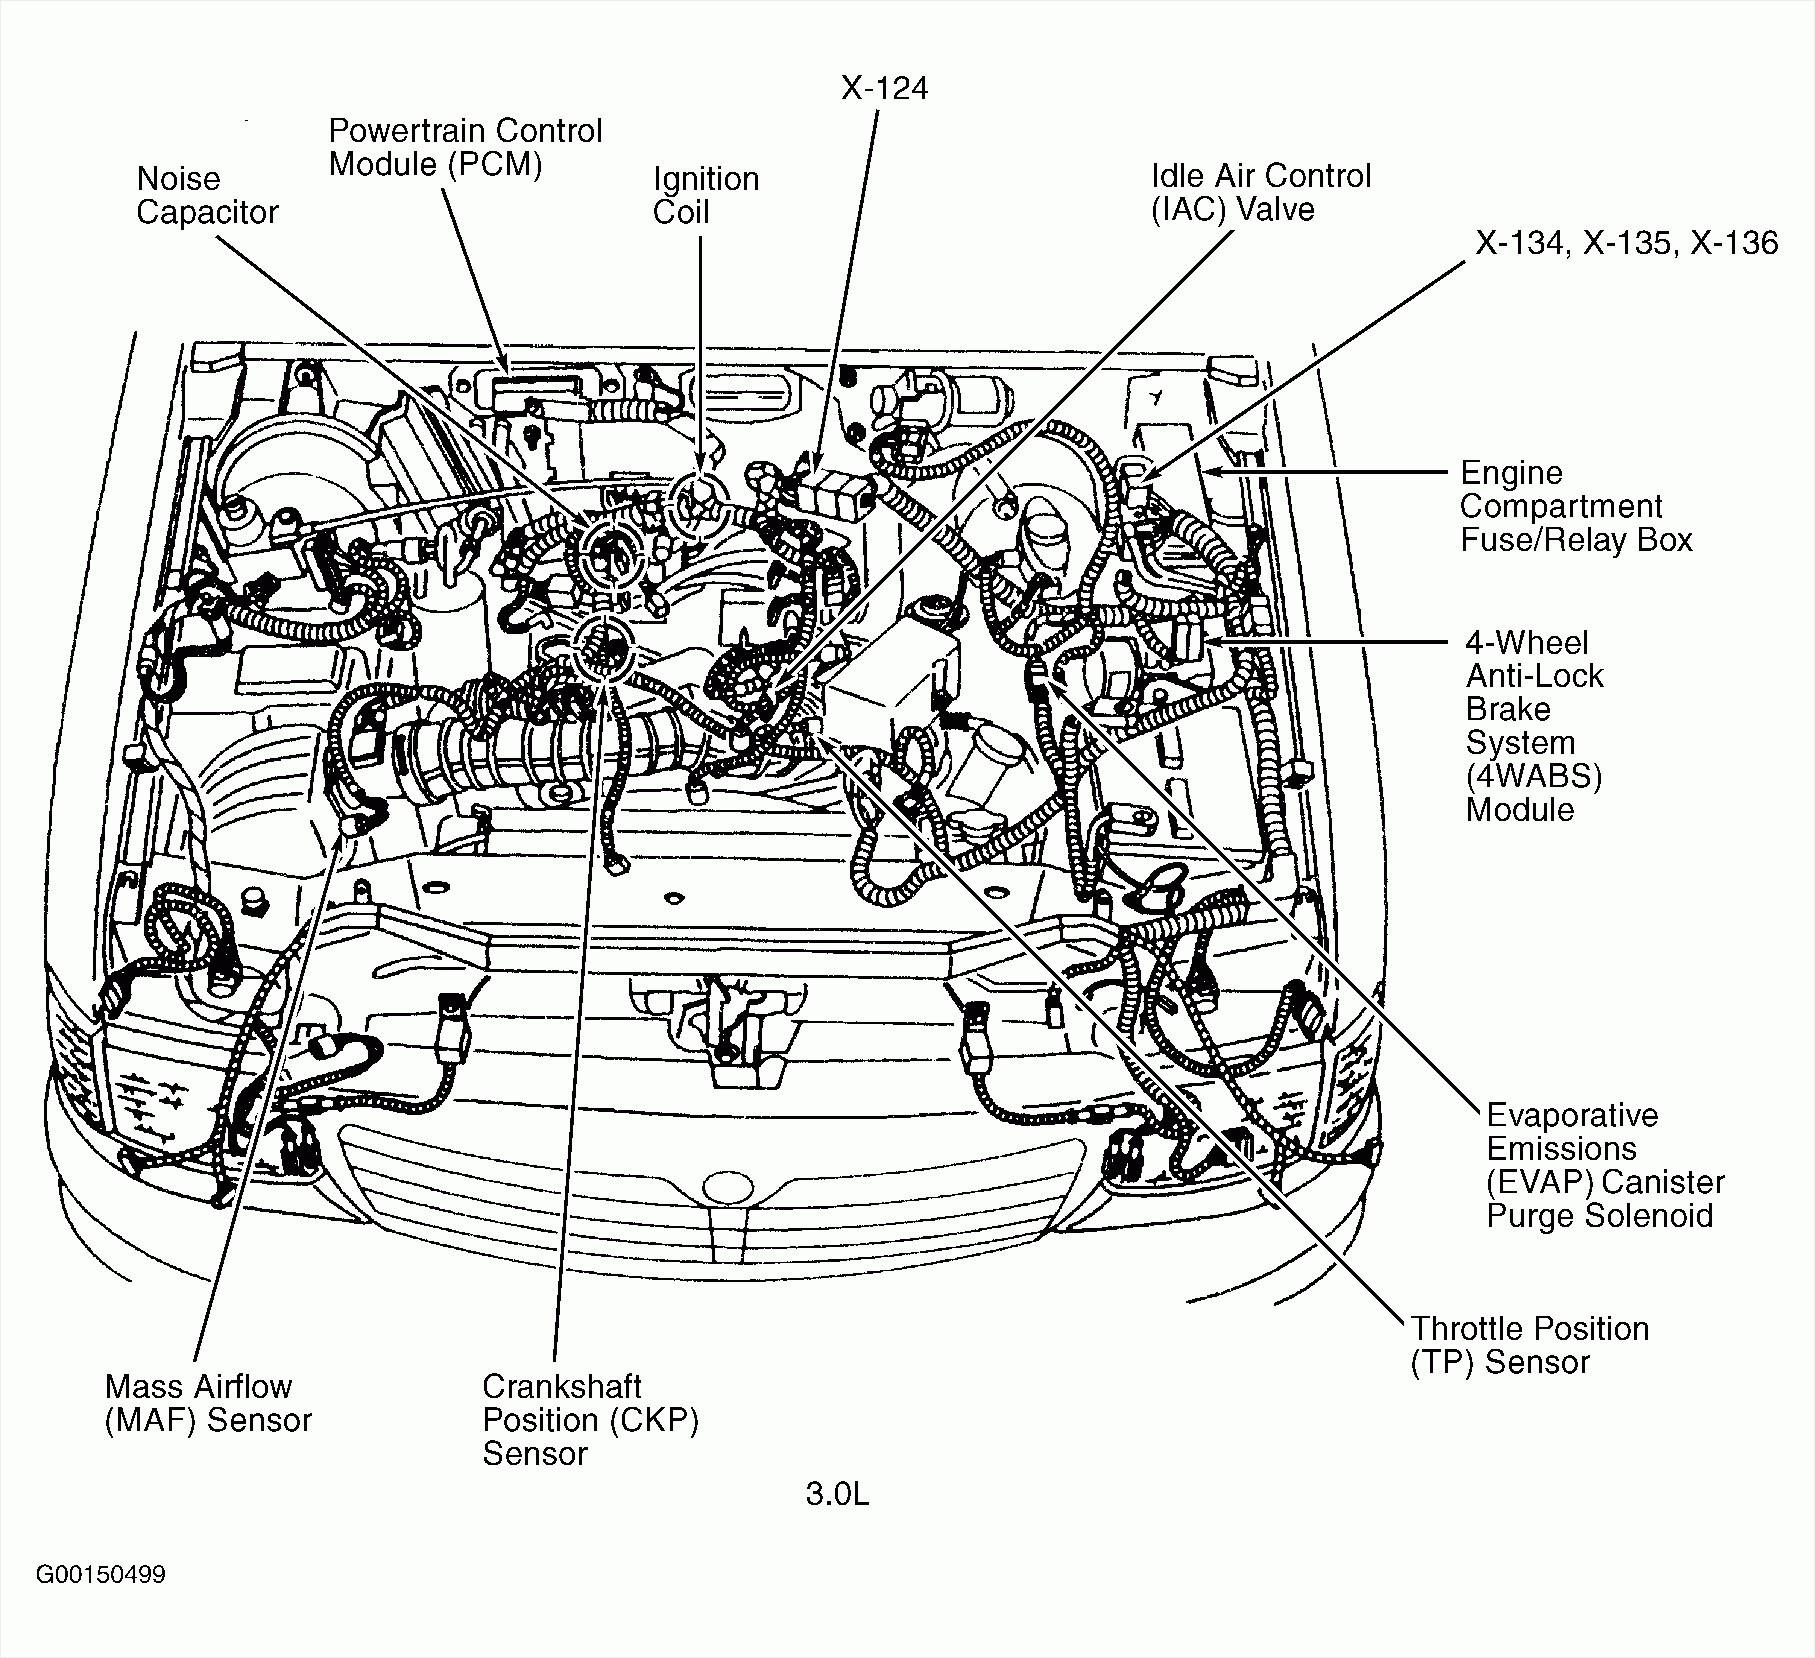 Engin Diagram 2005 ford Escape 2002 ford Escape 3 0 Engine Diagram Wiring Diagram Frame Of Engin Diagram 2005 ford Escape